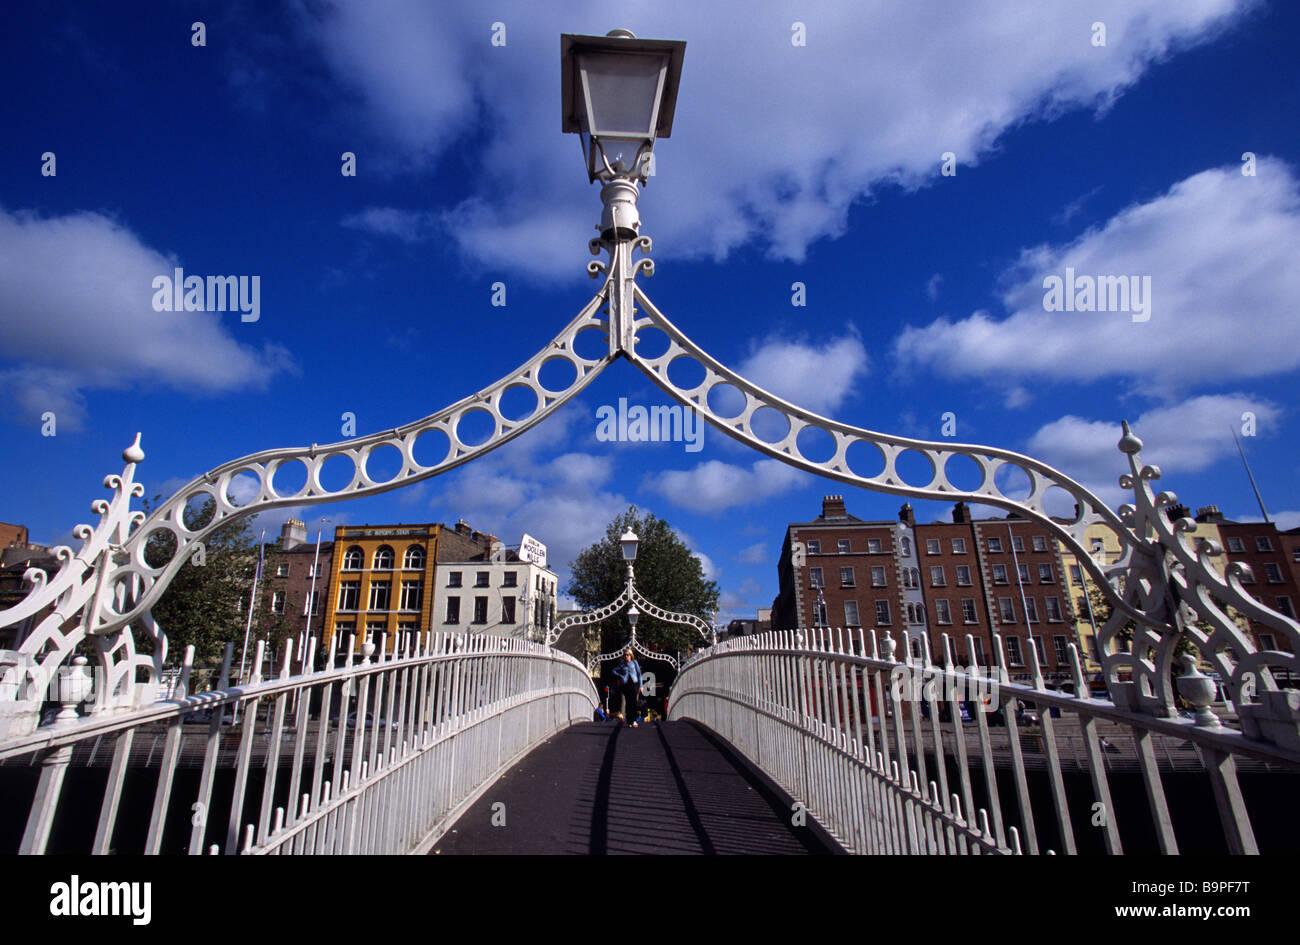 Ireland, Dublin county, Dublin, Ha'penny Bridge (1816) Stock Photo